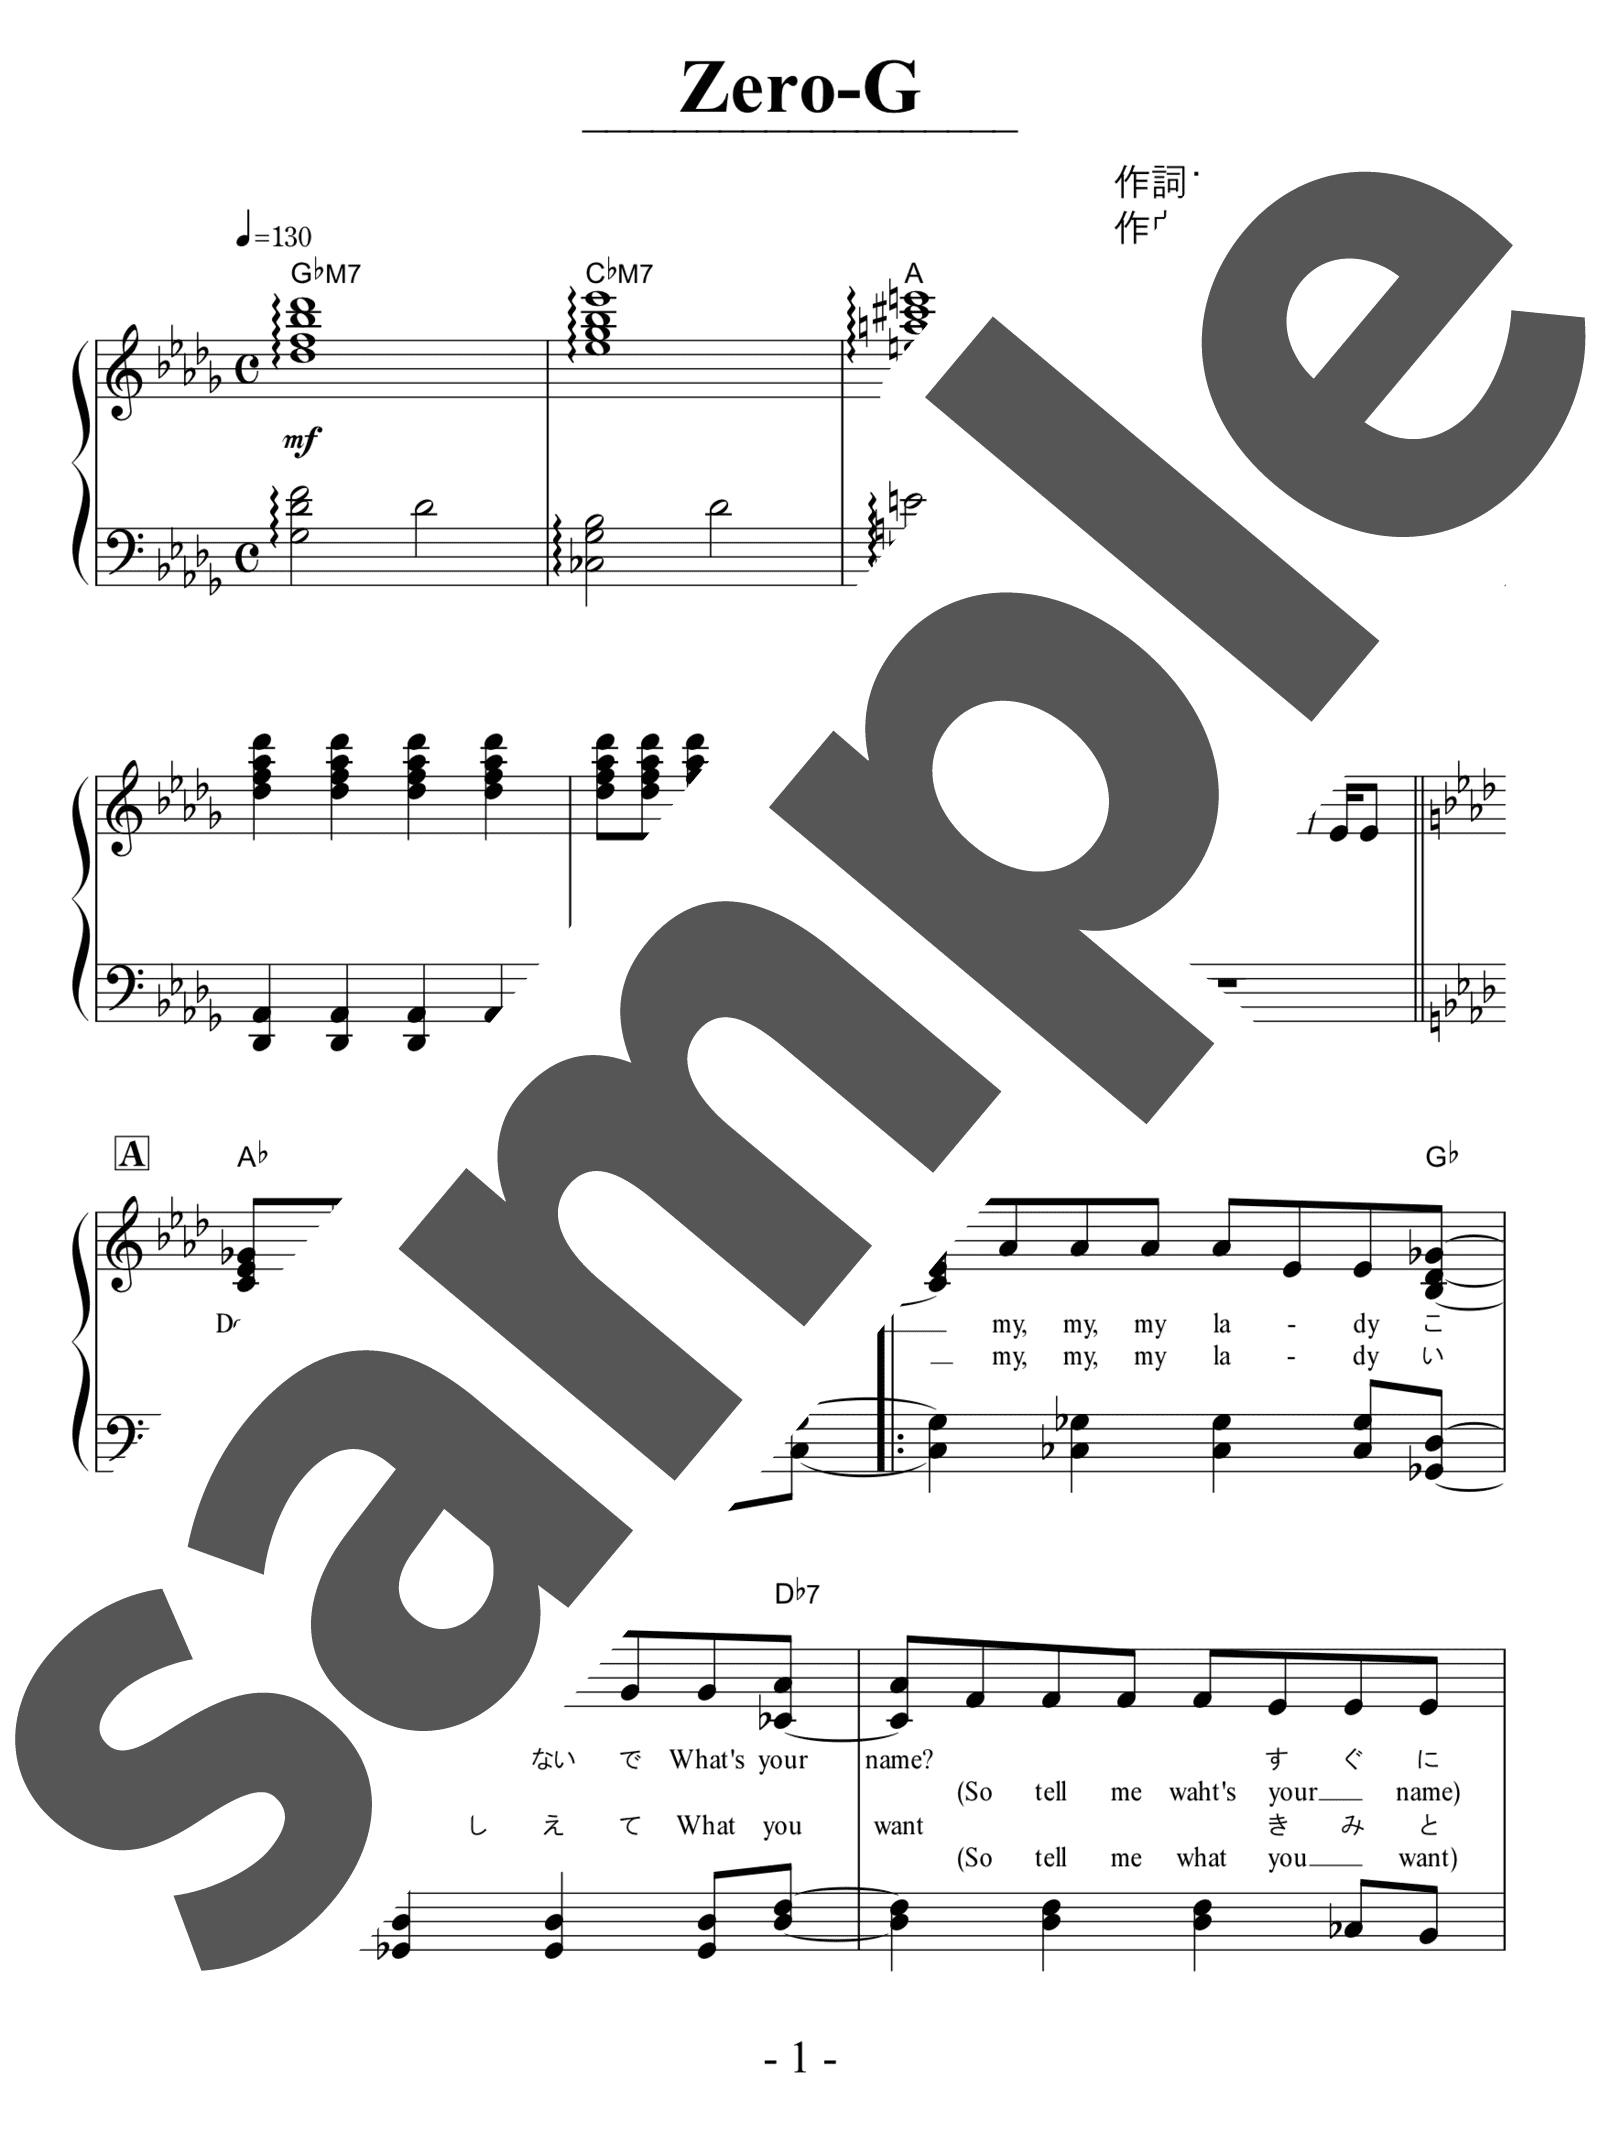 「Zero-G」のサンプル楽譜